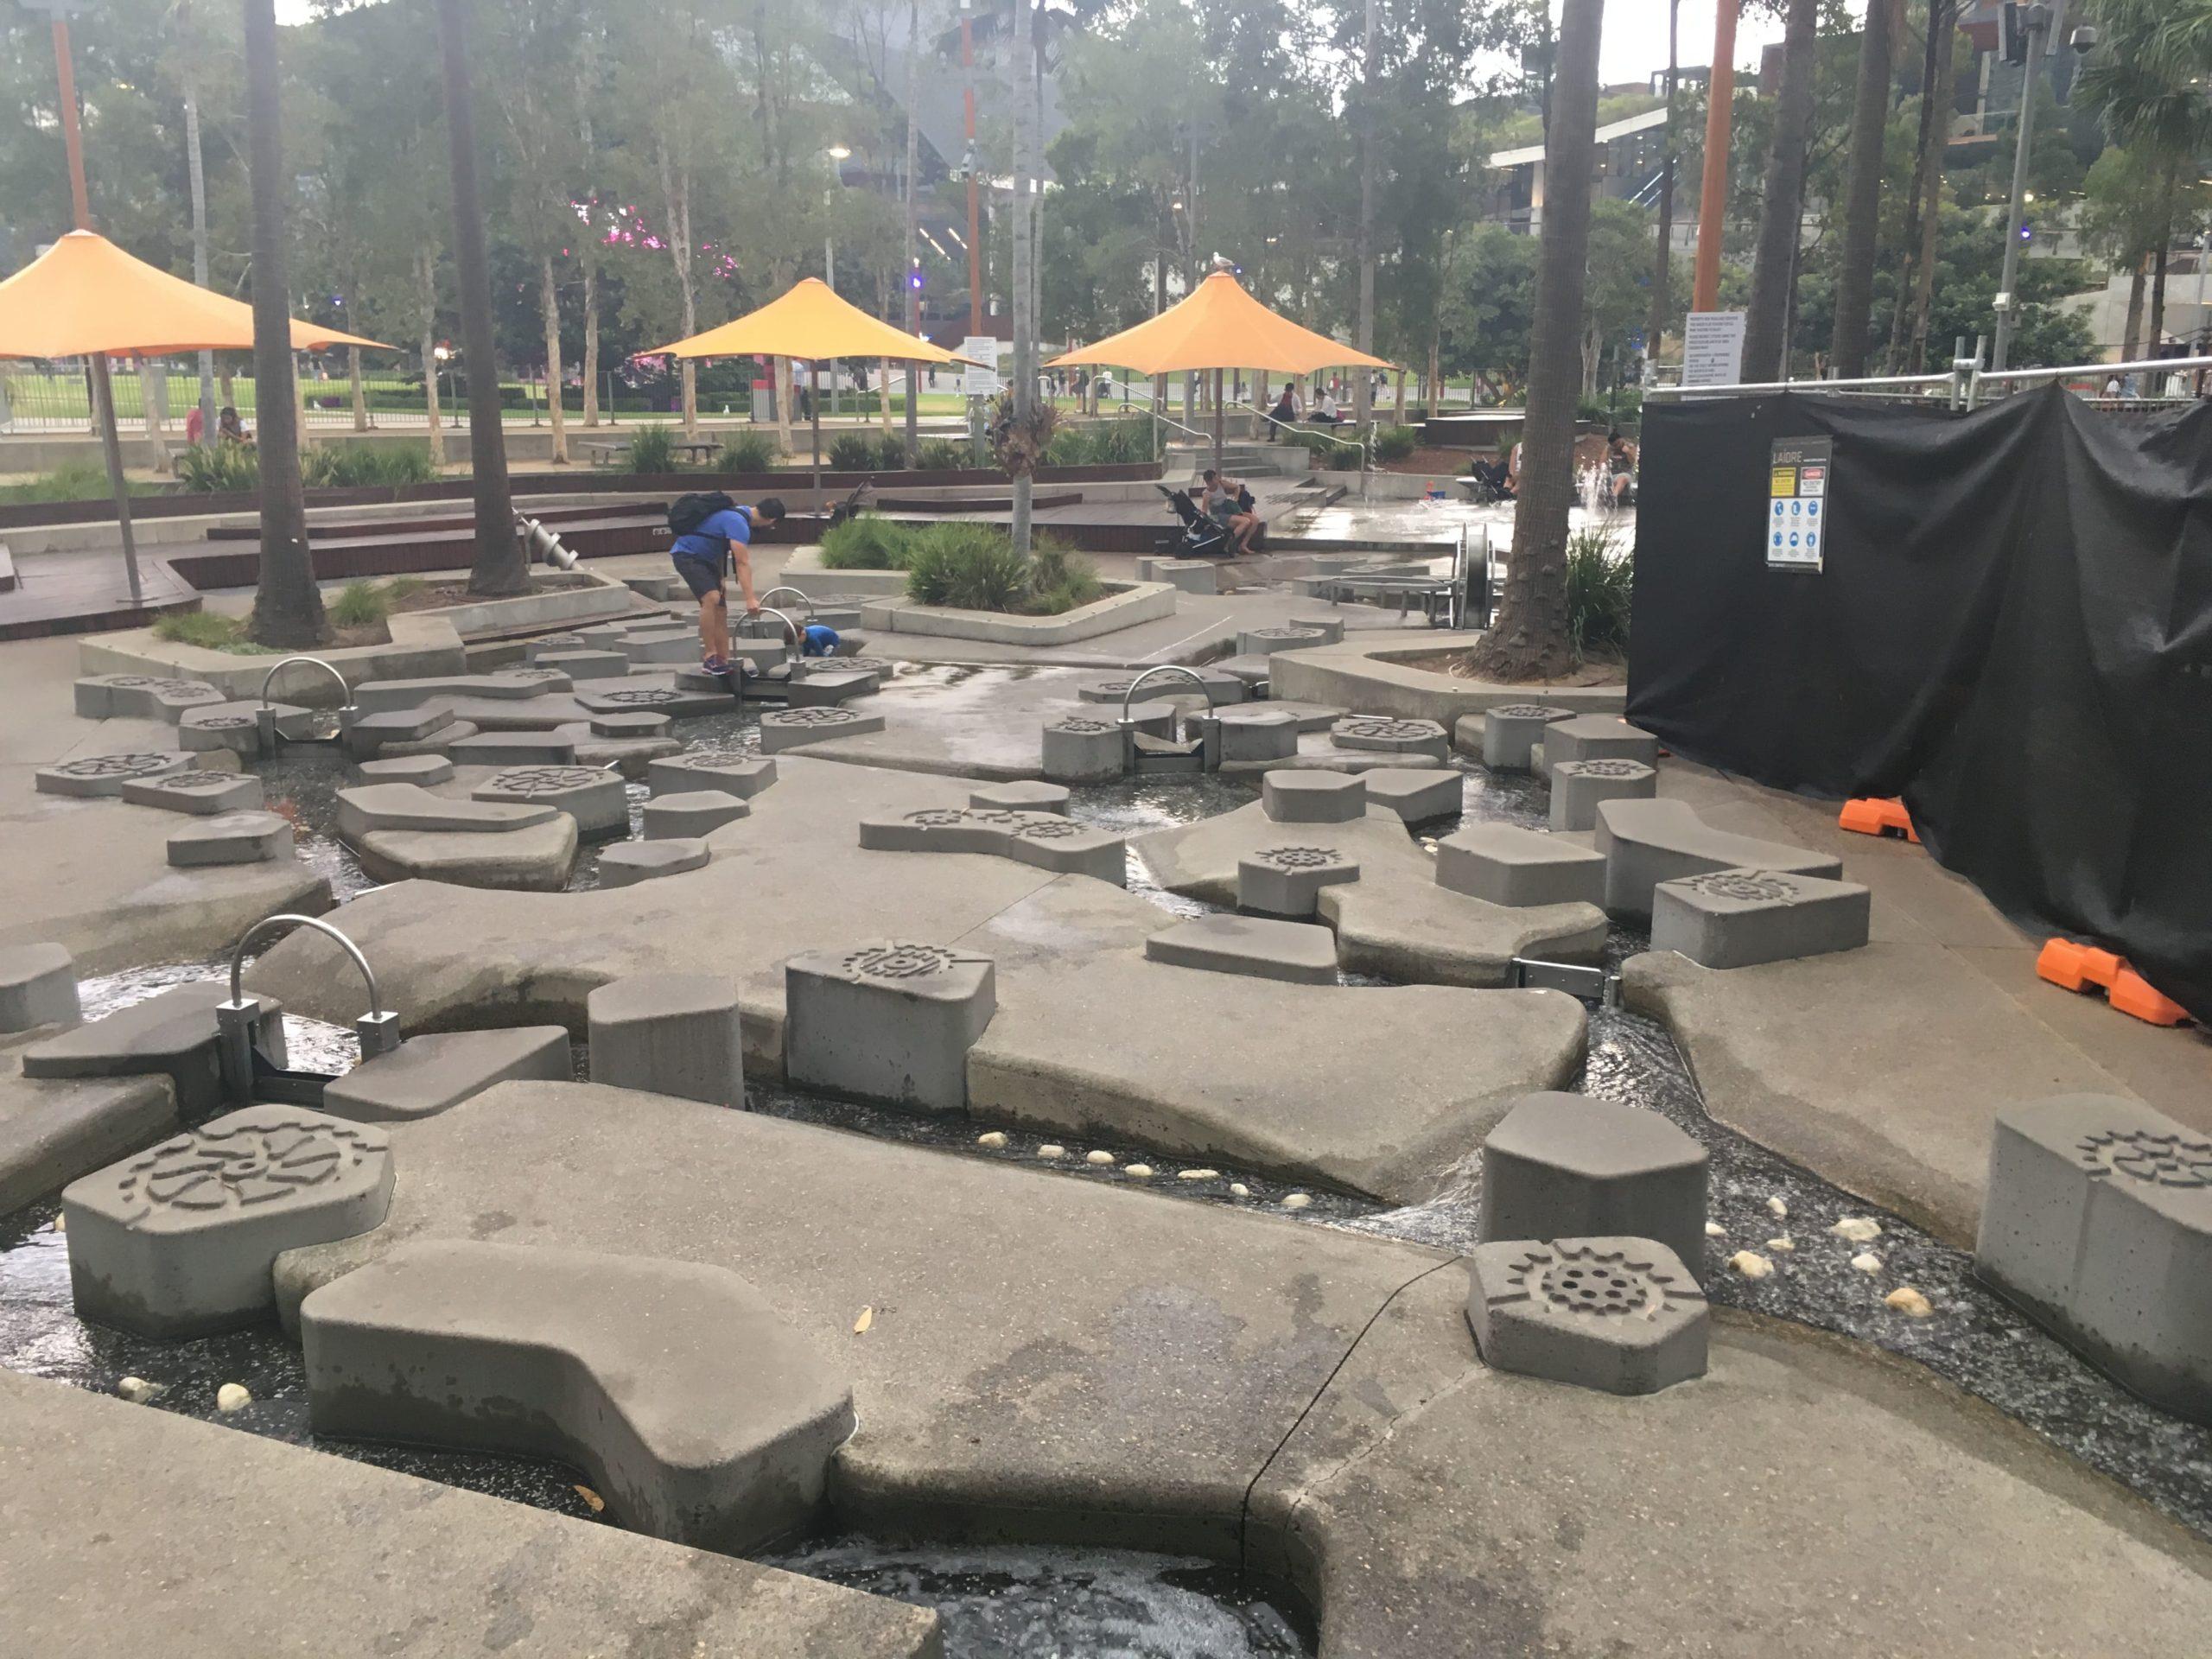 シドニーのTumbalong Parkの水遊び場遊具